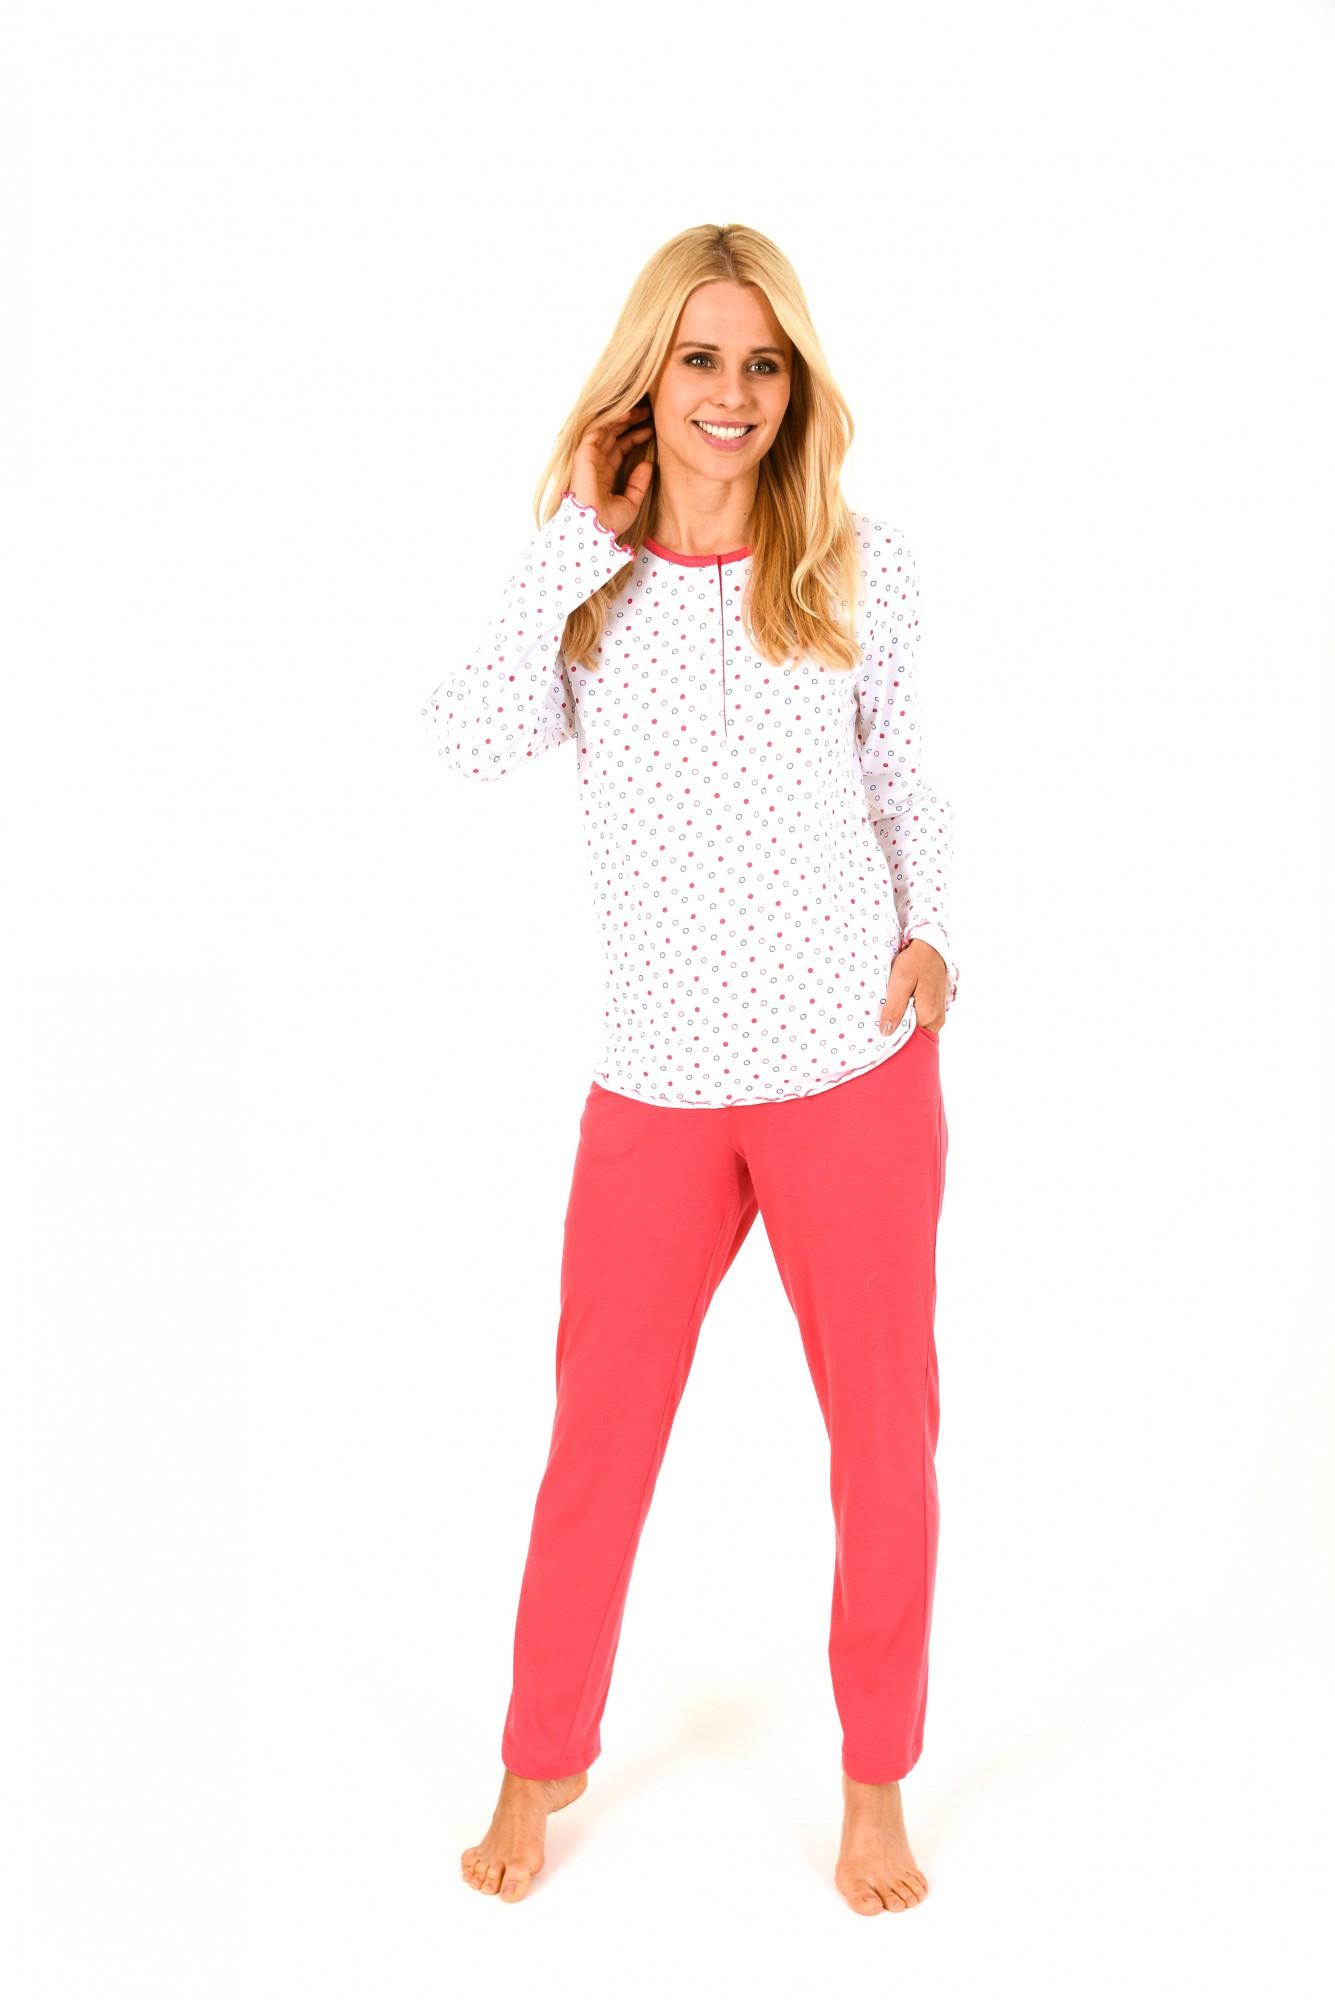 Edler Damen Pyjama langarm mit Tupfen Druck – 171 201 90 807